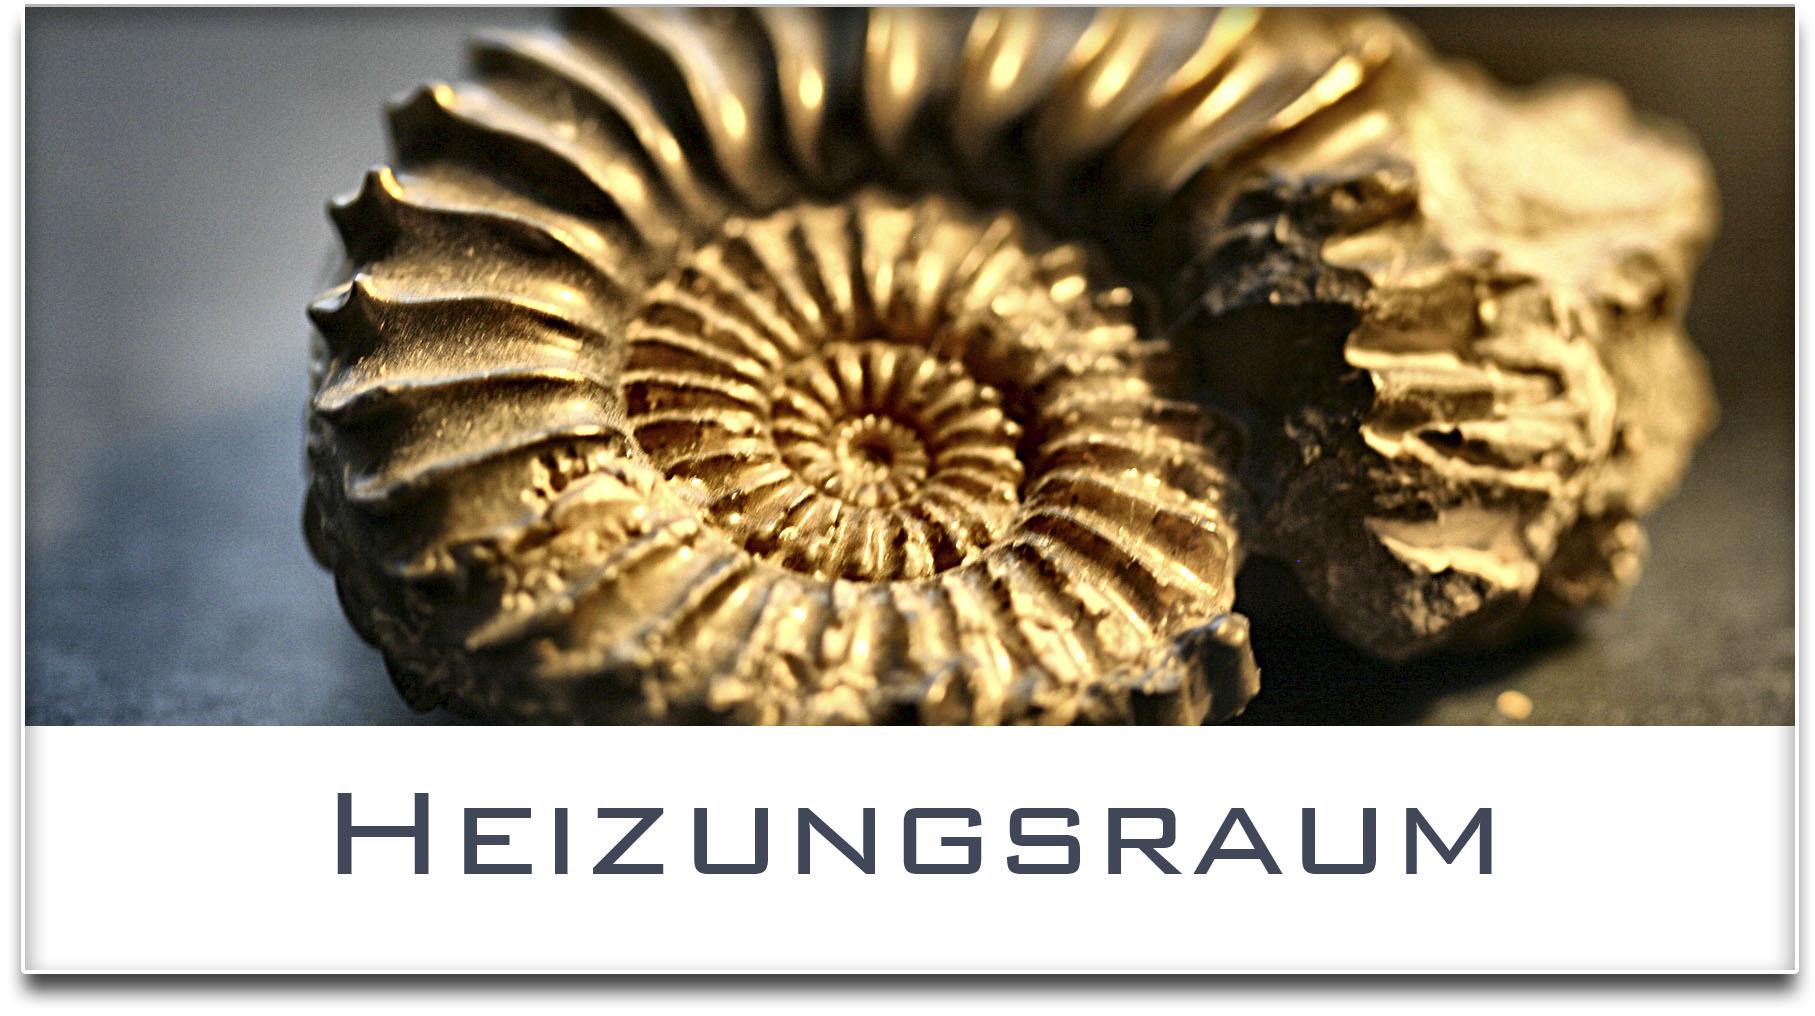 Türschild / Haustürschild / Versteinerte Muschel / Heizungsraum / Selbstklebend